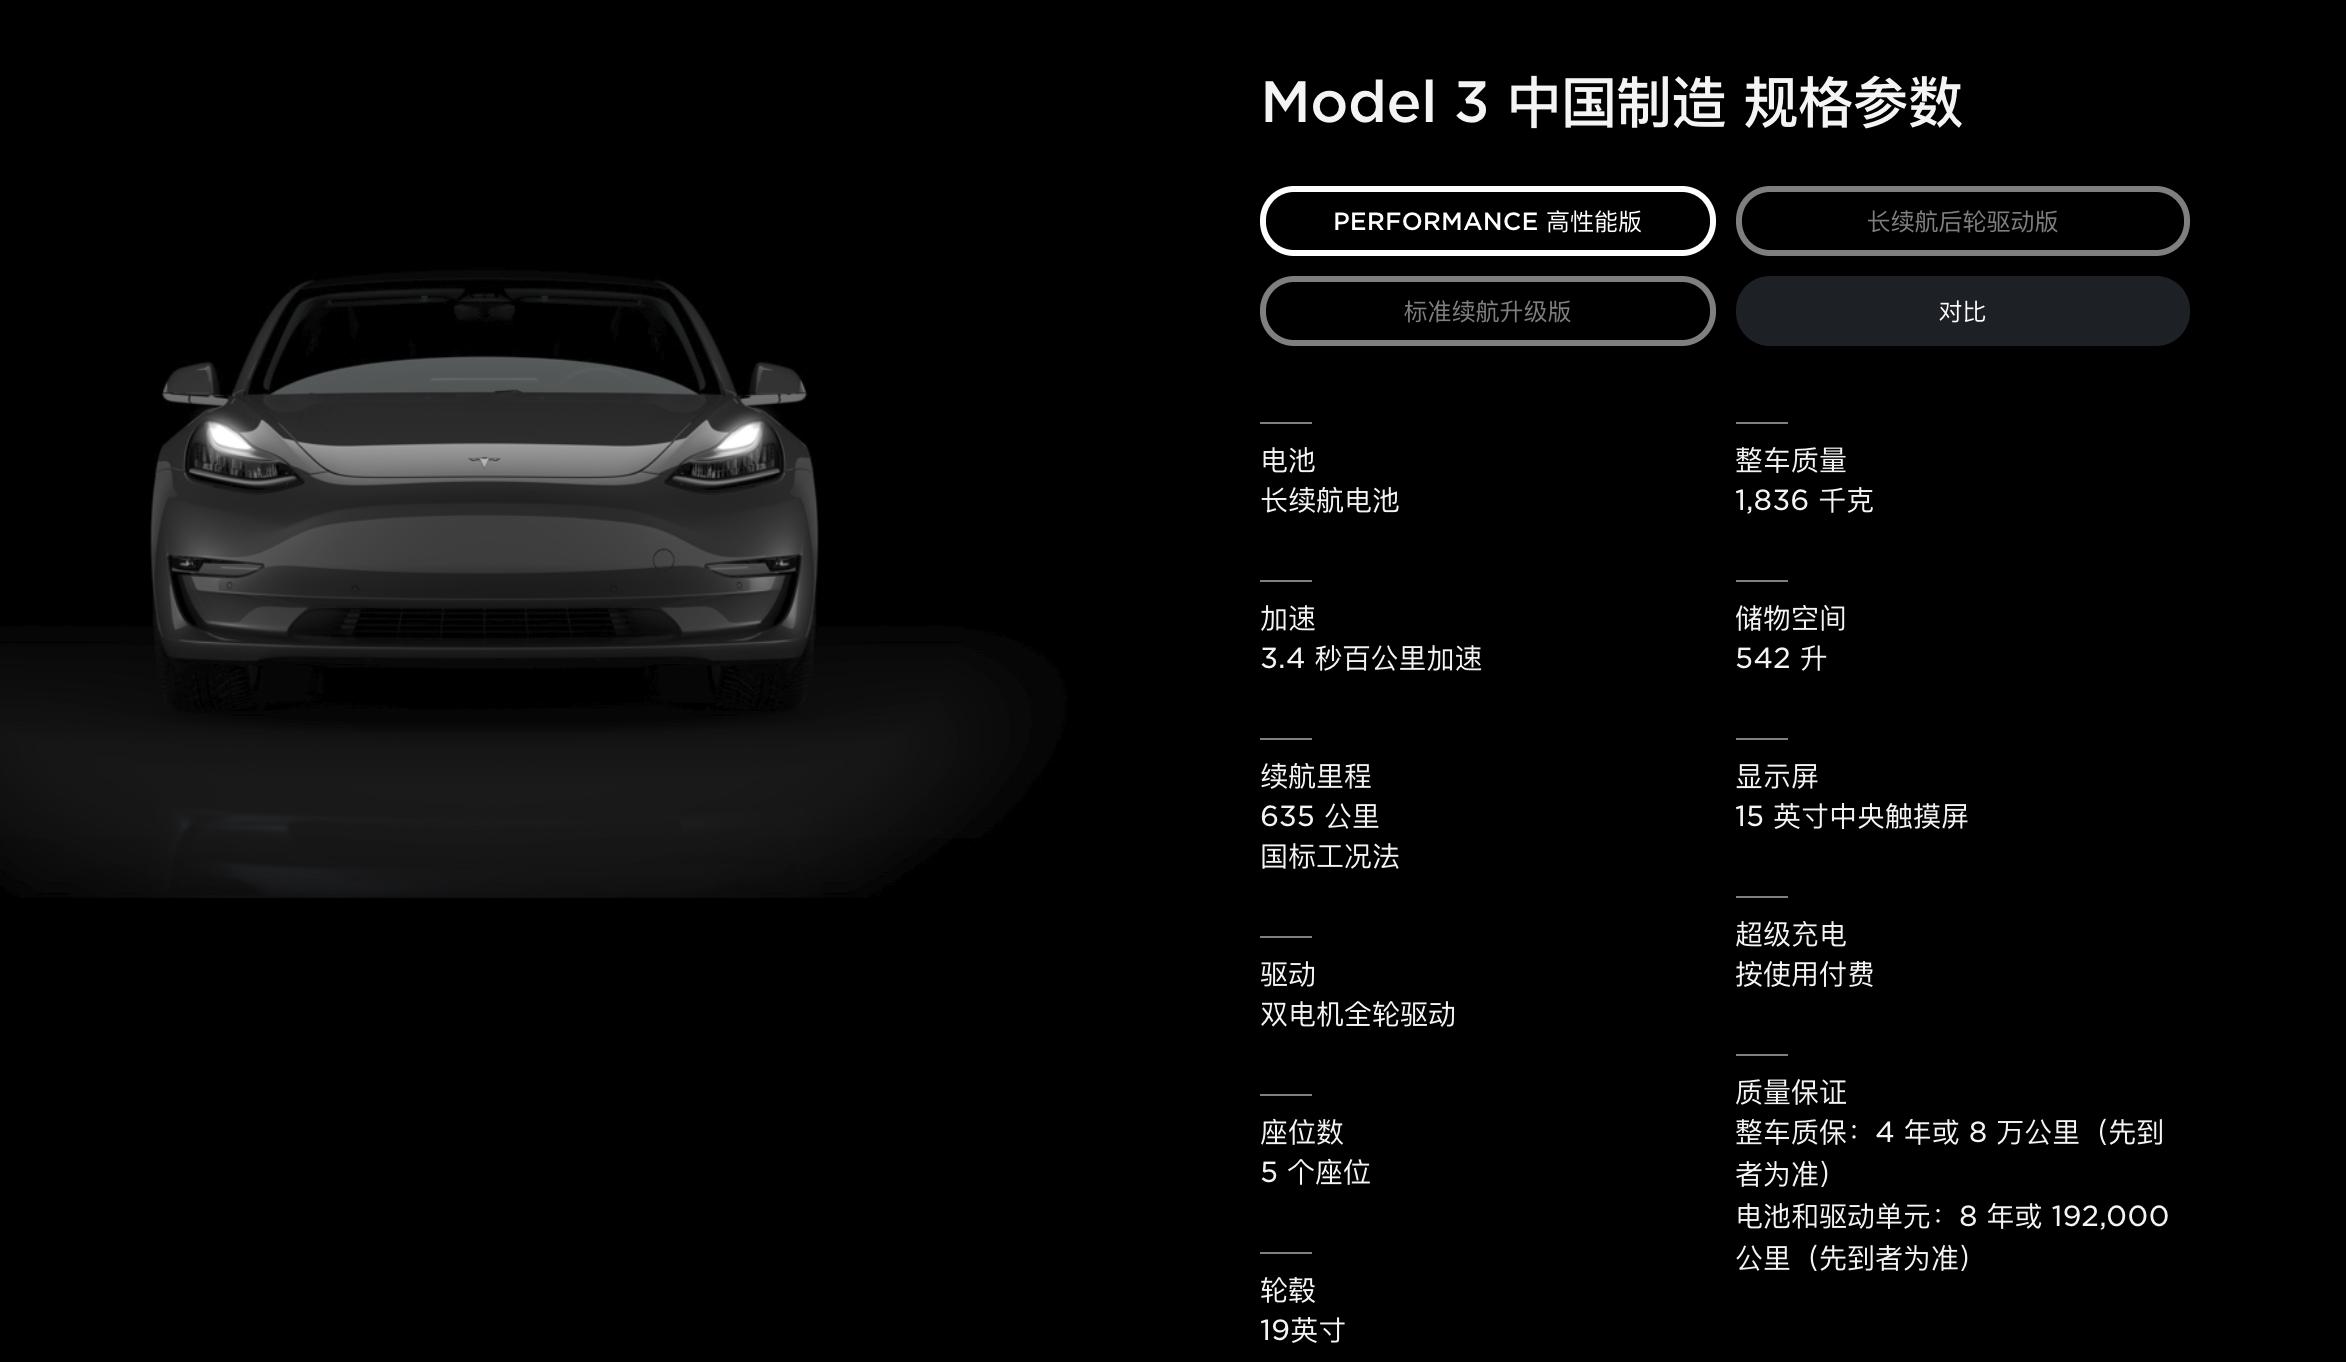 特斯拉国产Model 3性能规格公布 续航里程635km